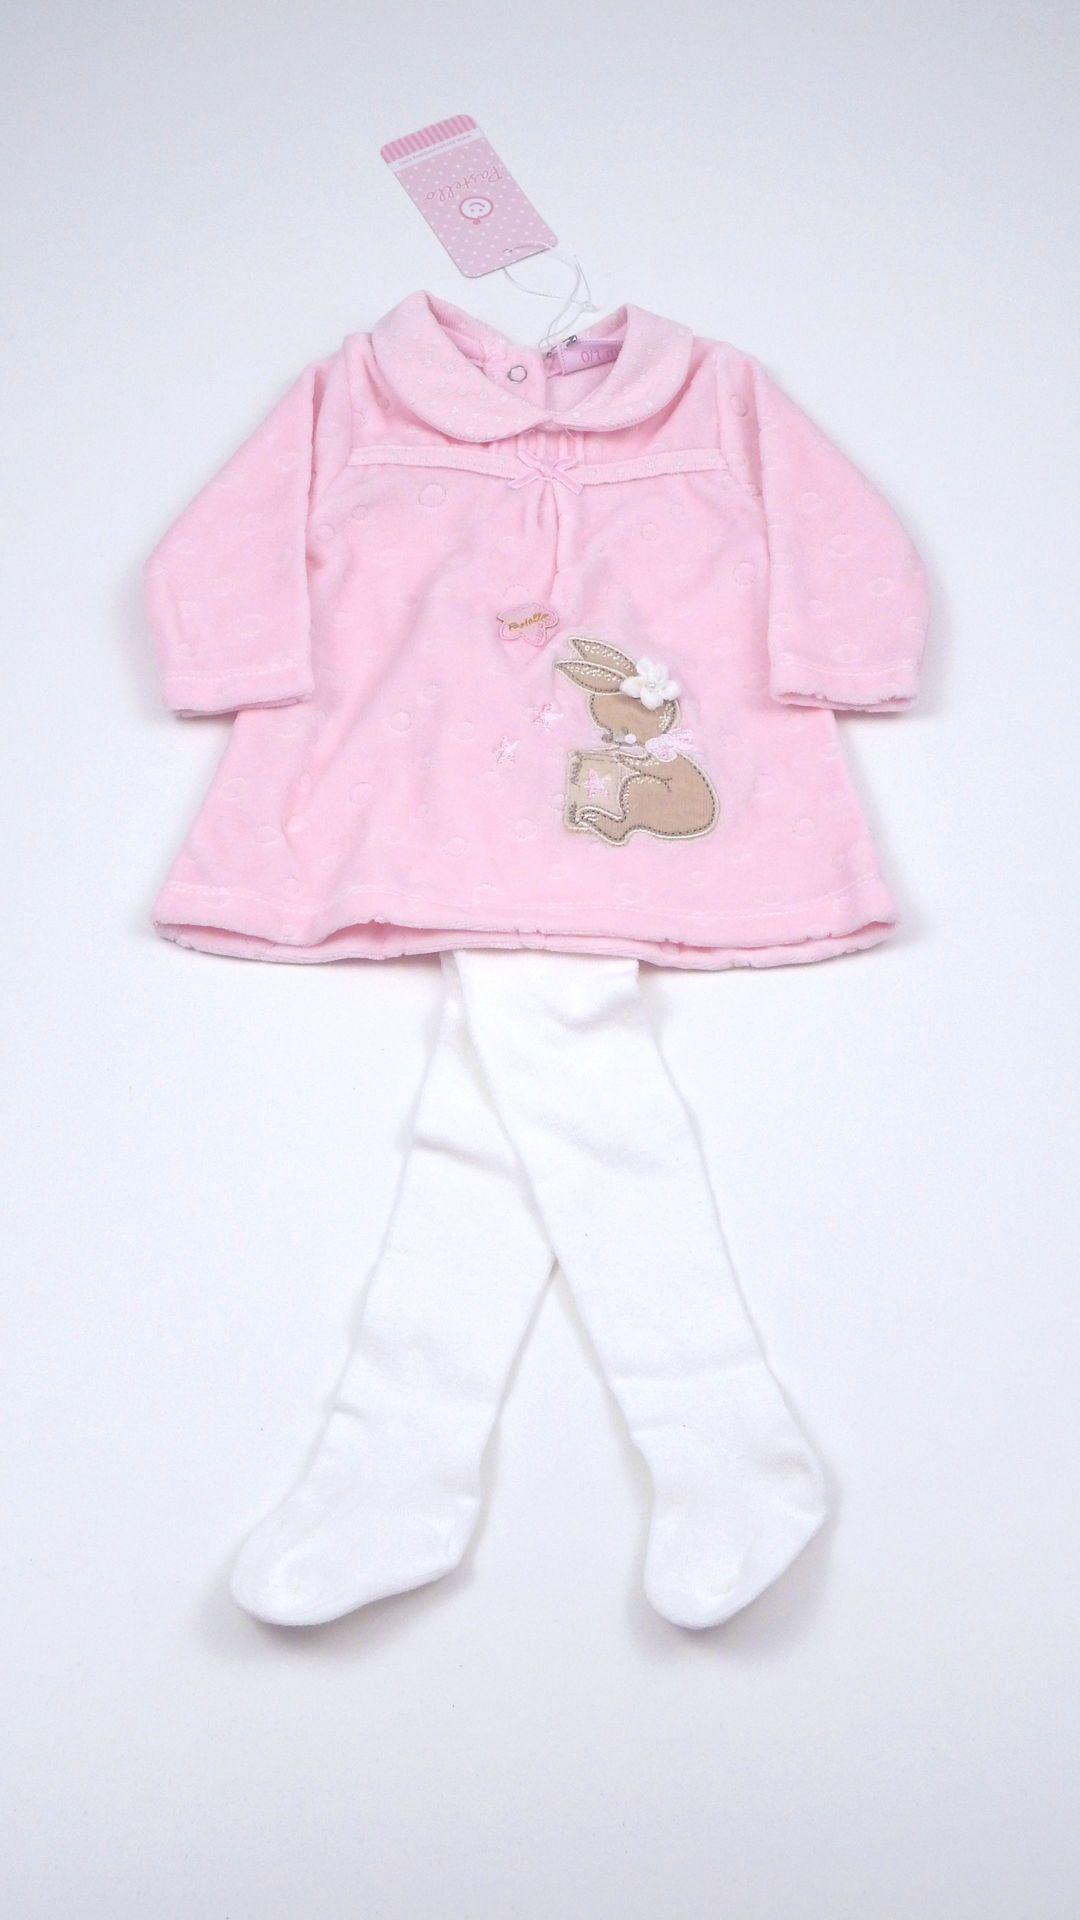 Abito Neonata Pastello - Abbigliamento Neonati Bolle di Sapone ... 4ecabc88b7b